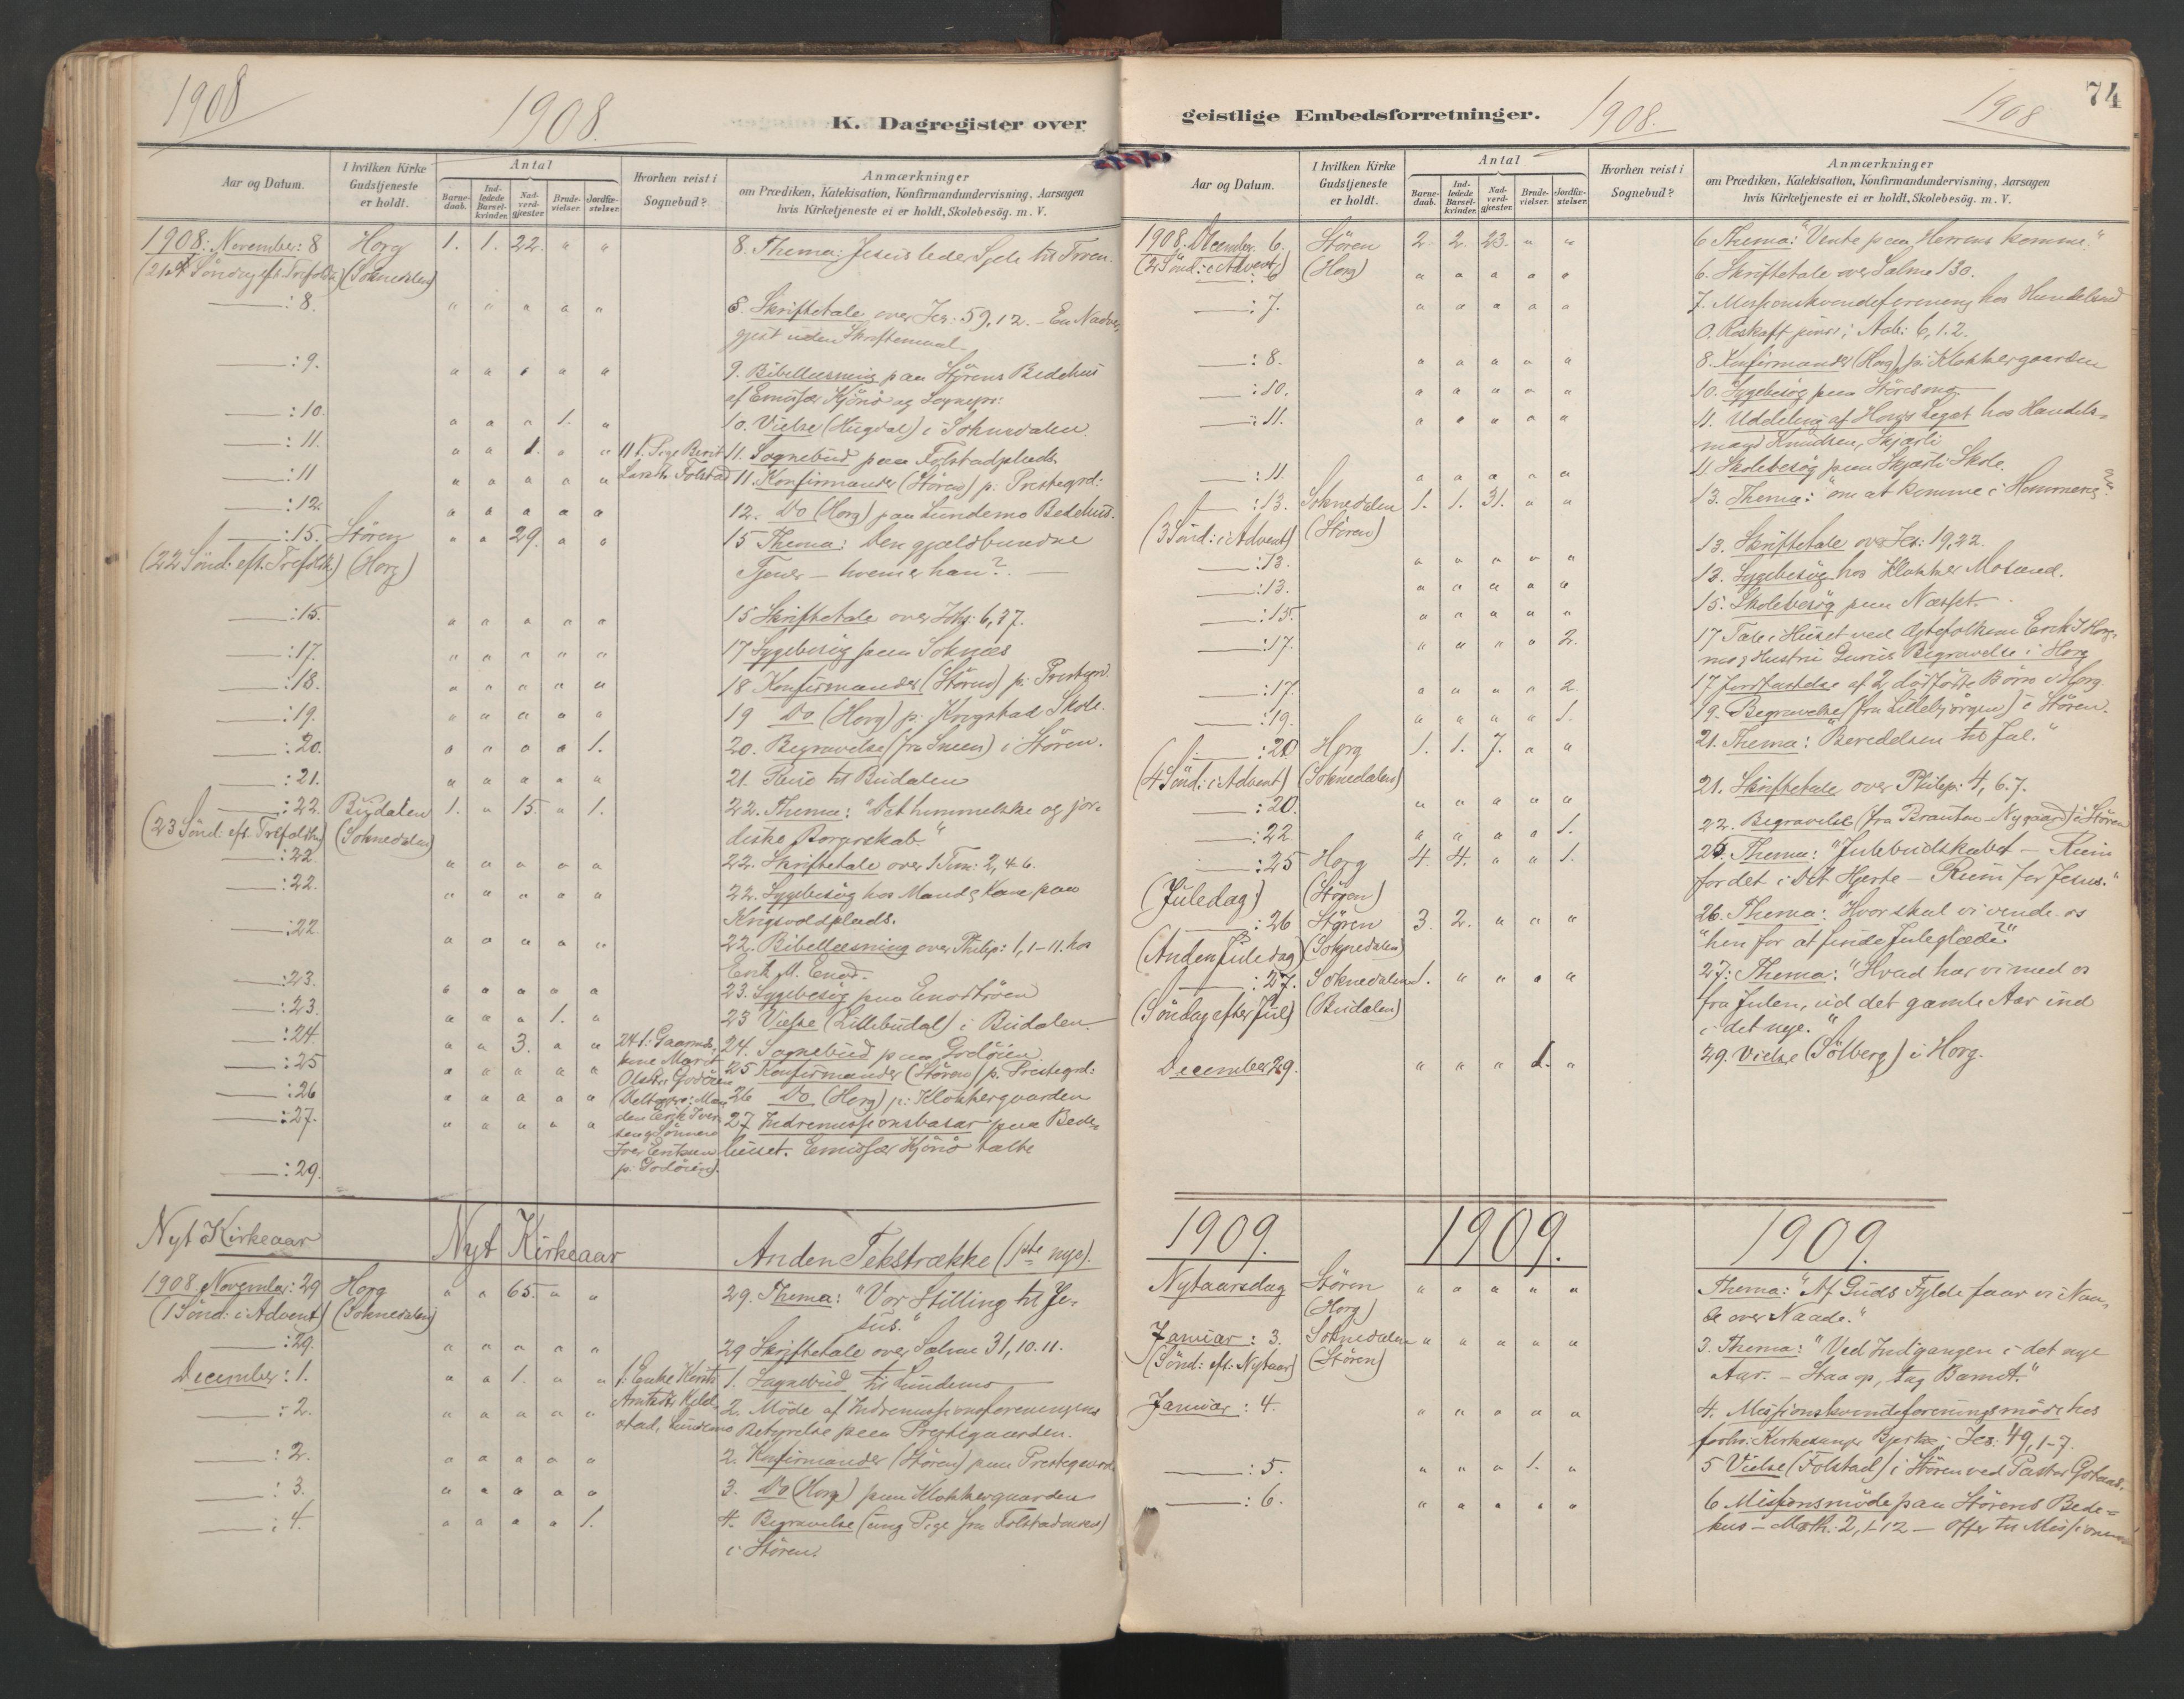 SAT, Ministerialprotokoller, klokkerbøker og fødselsregistre - Sør-Trøndelag, 687/L1005: Dagregister nr. 687A11, 1891-1912, s. 74